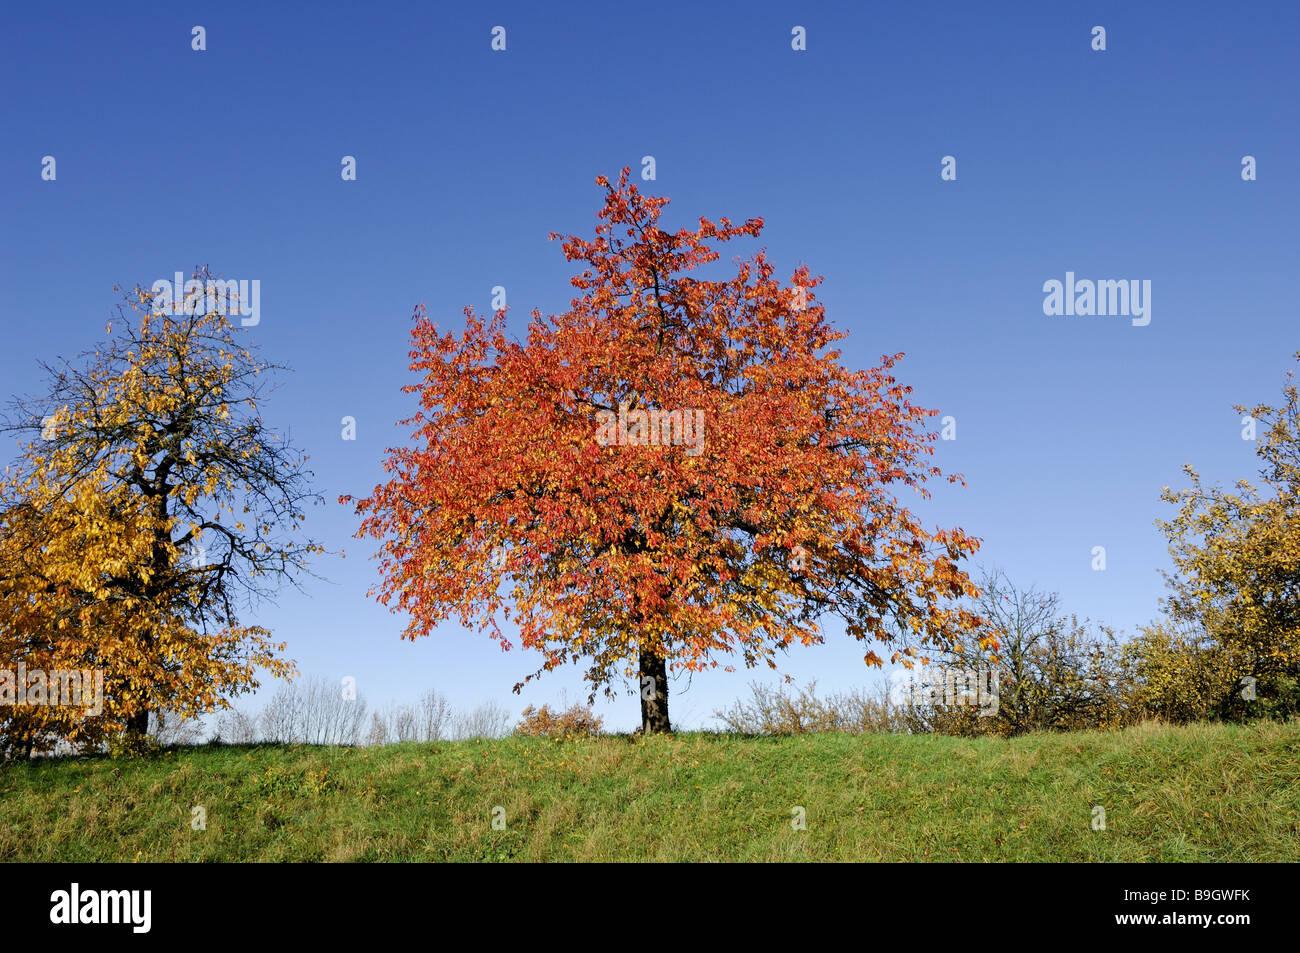 Großartig Herbst Färbung Ausdrucke Zeitgenössisch - Druckbare ...